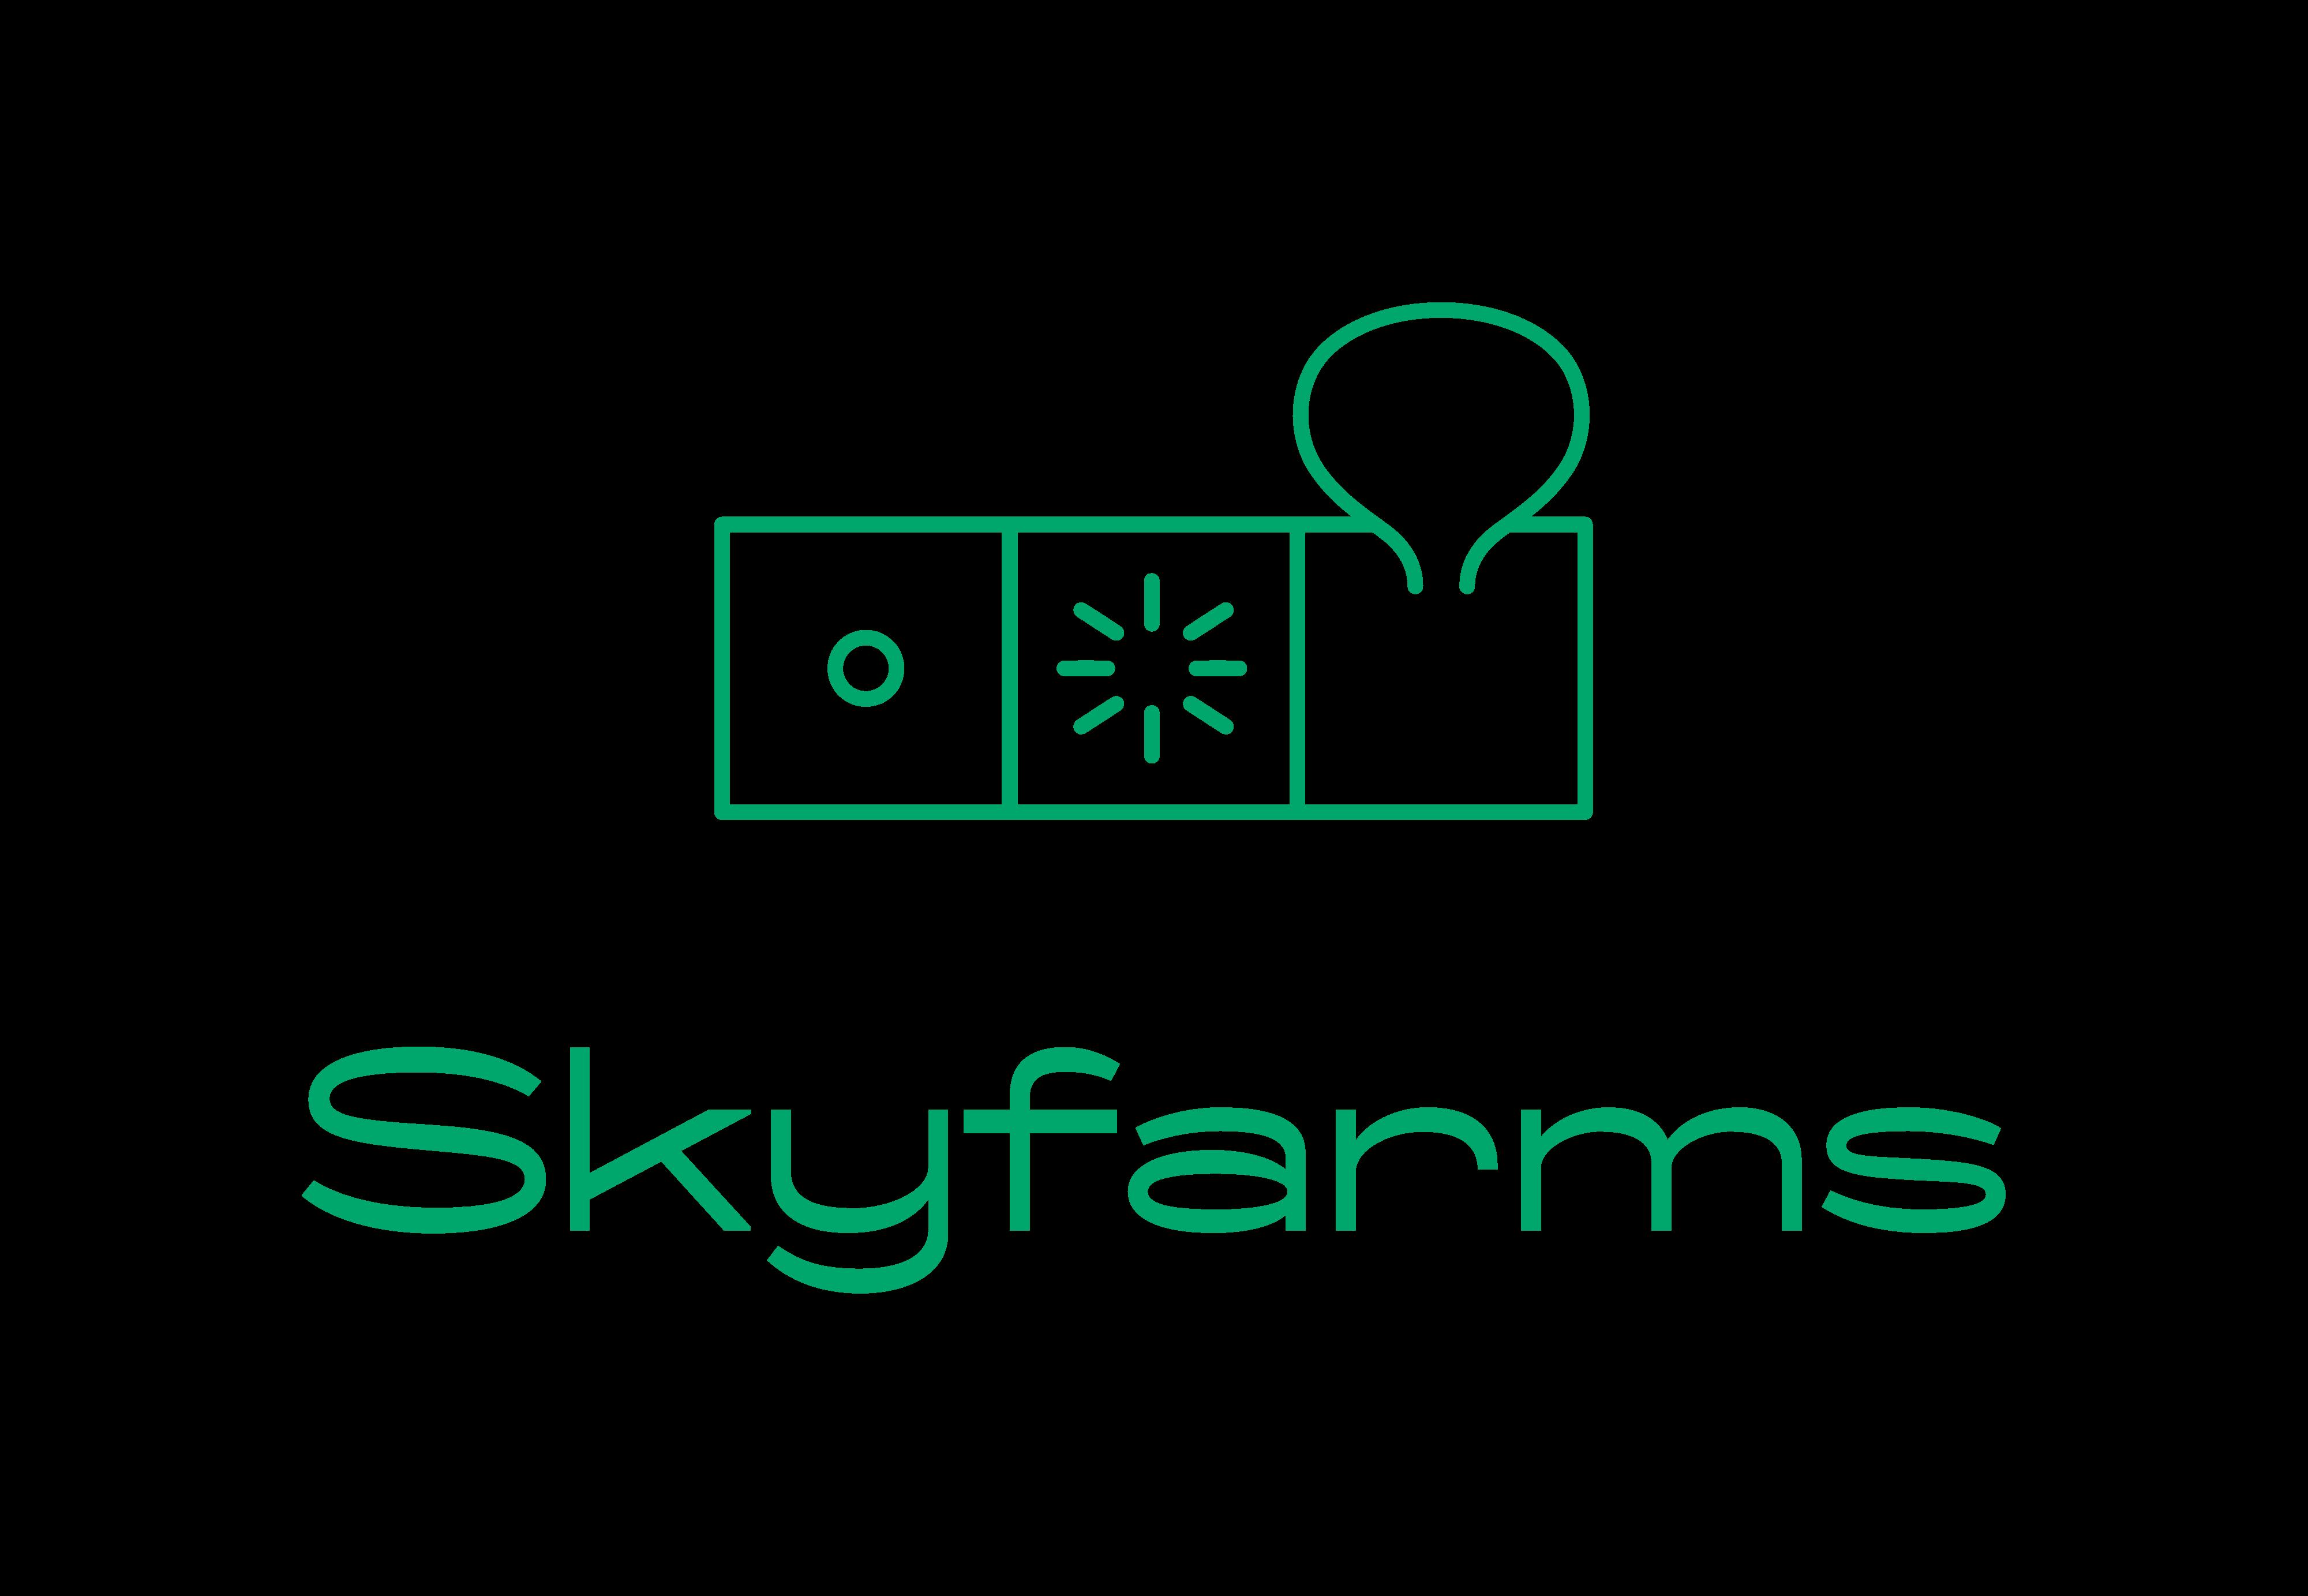 Skyfarms logo